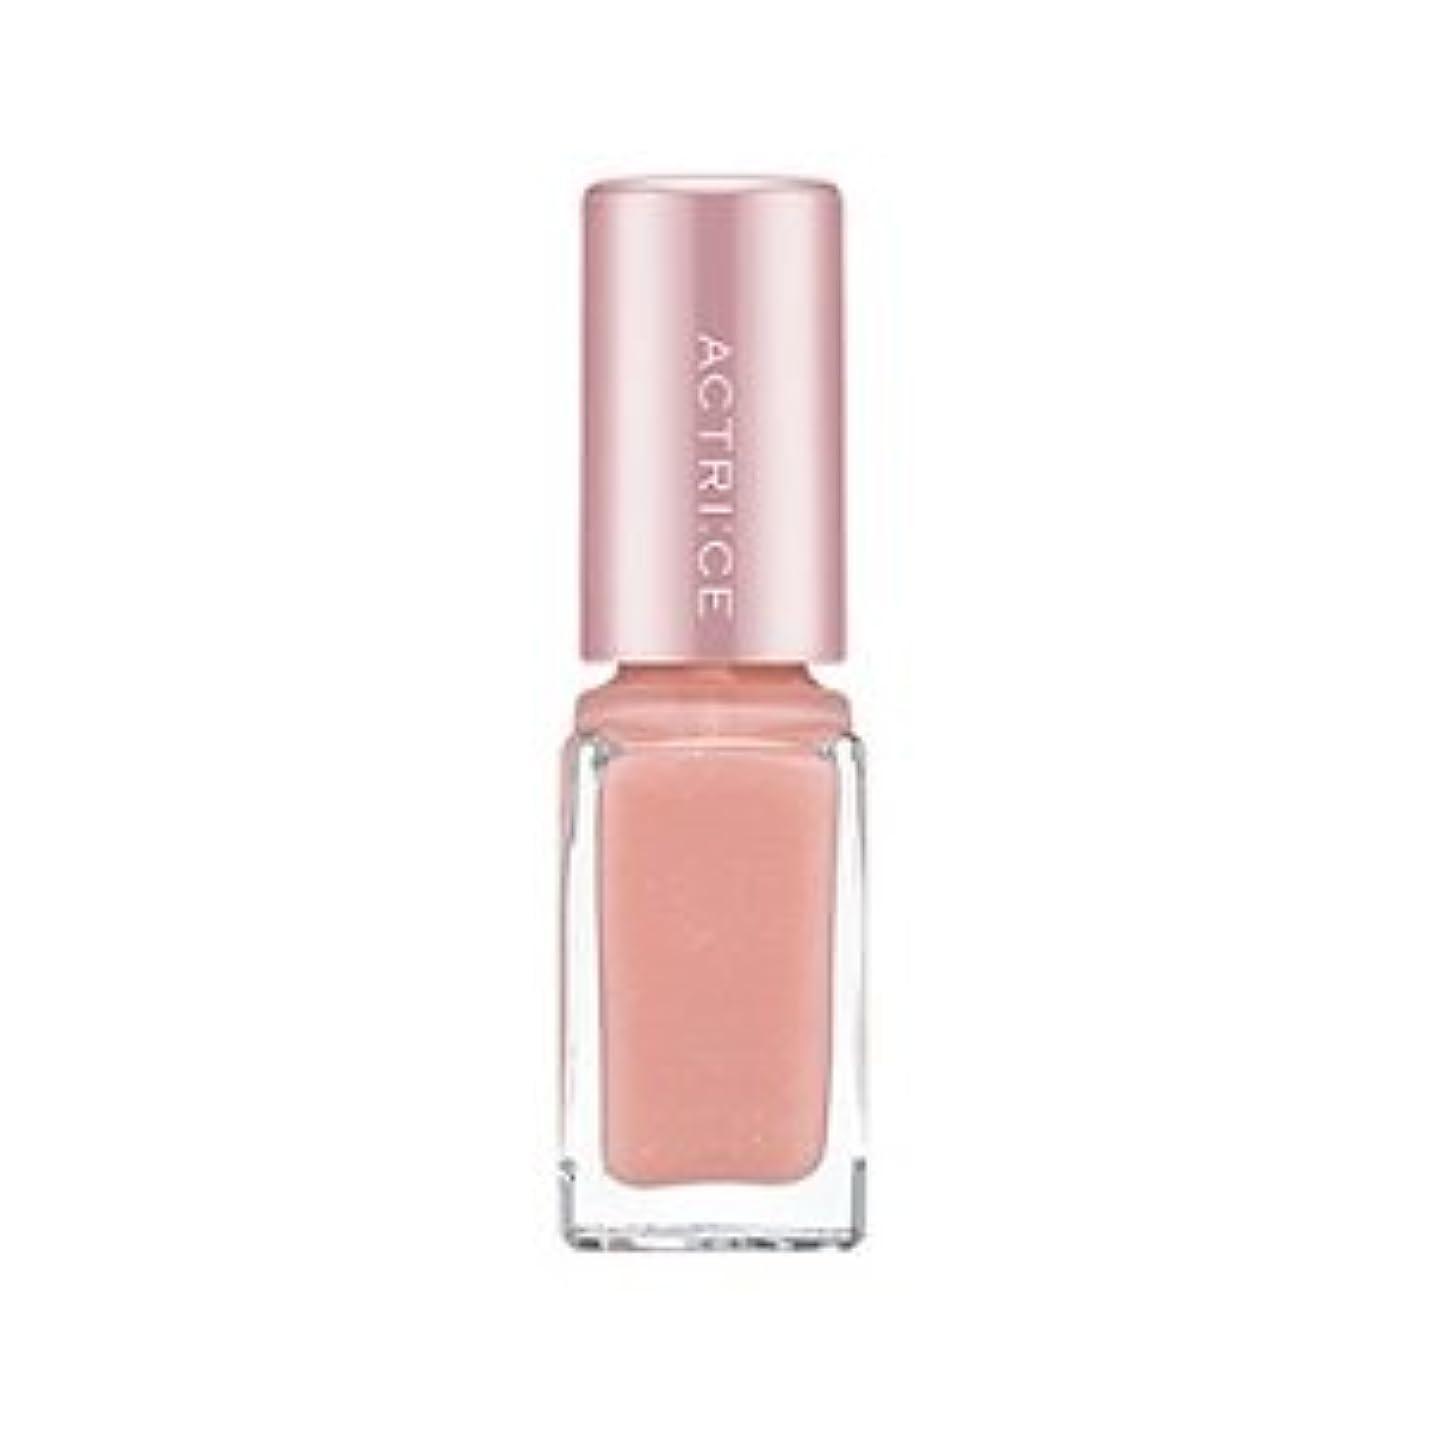 俳句ブラジャー多様なノエビア アクトリース ネイル 01 クリーミィ ピンク